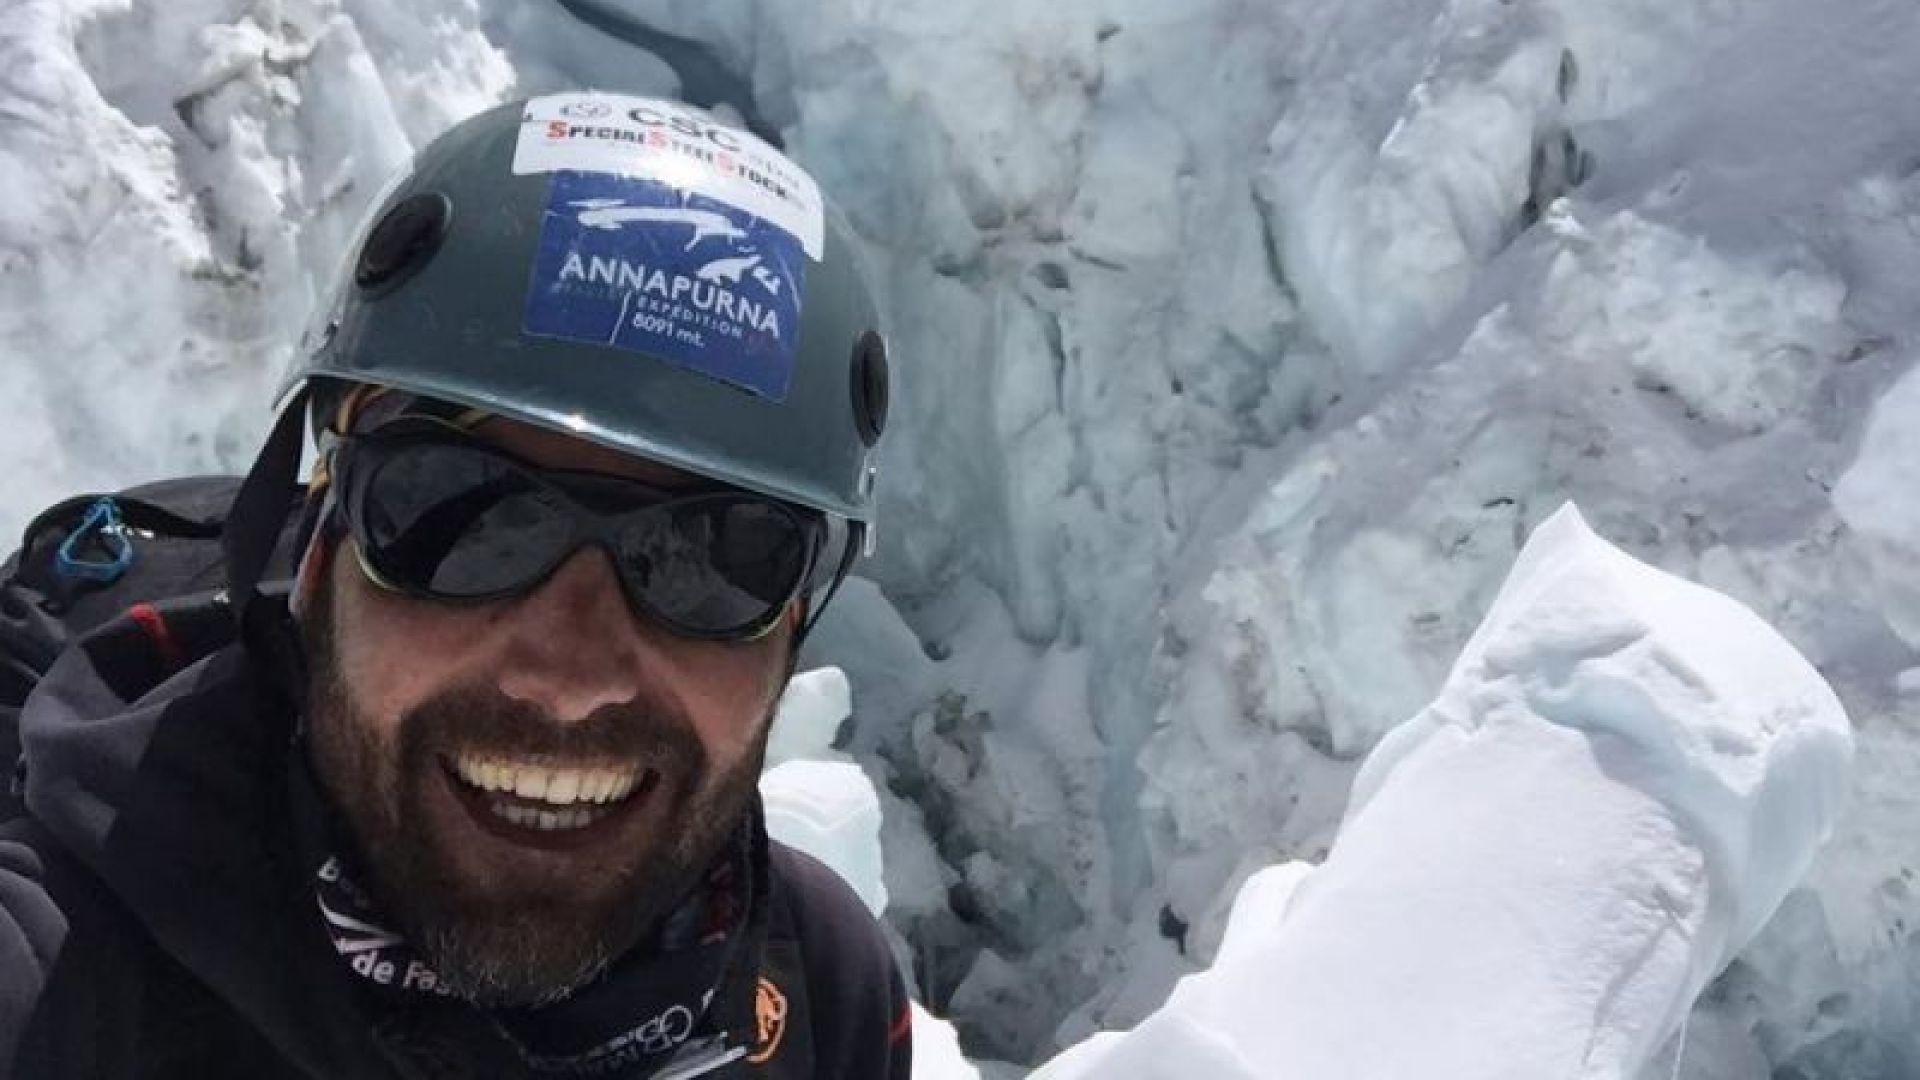 Никой не търси Боян Петров, твърди алпинист от базовия лагер под Шиша Пангма